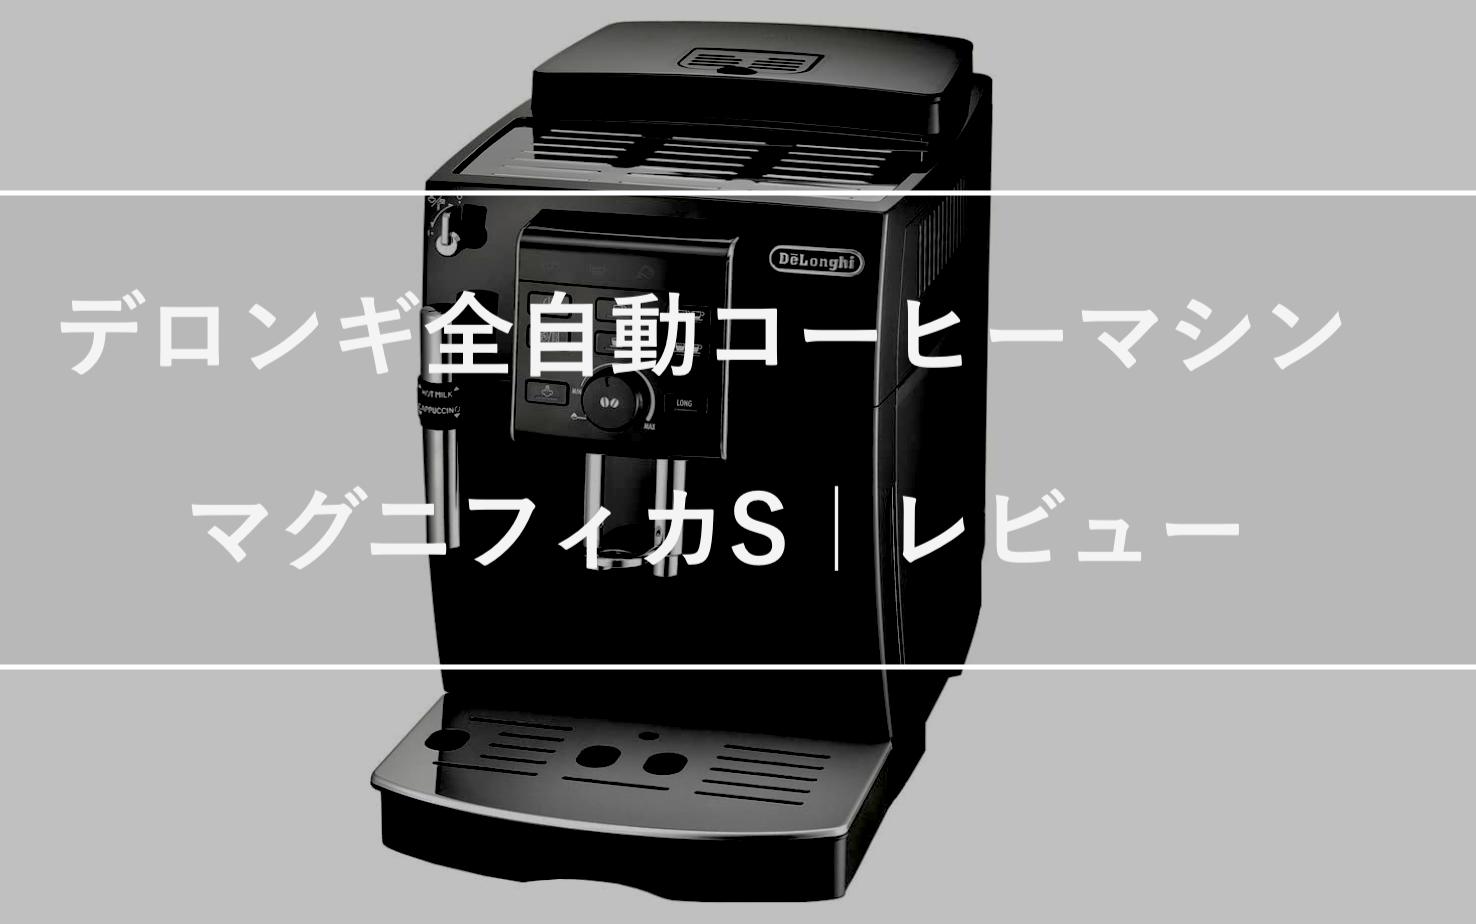 【レビュー】デロンギ全自動コーヒーマシン マグニフィカS|最高の時短家電。